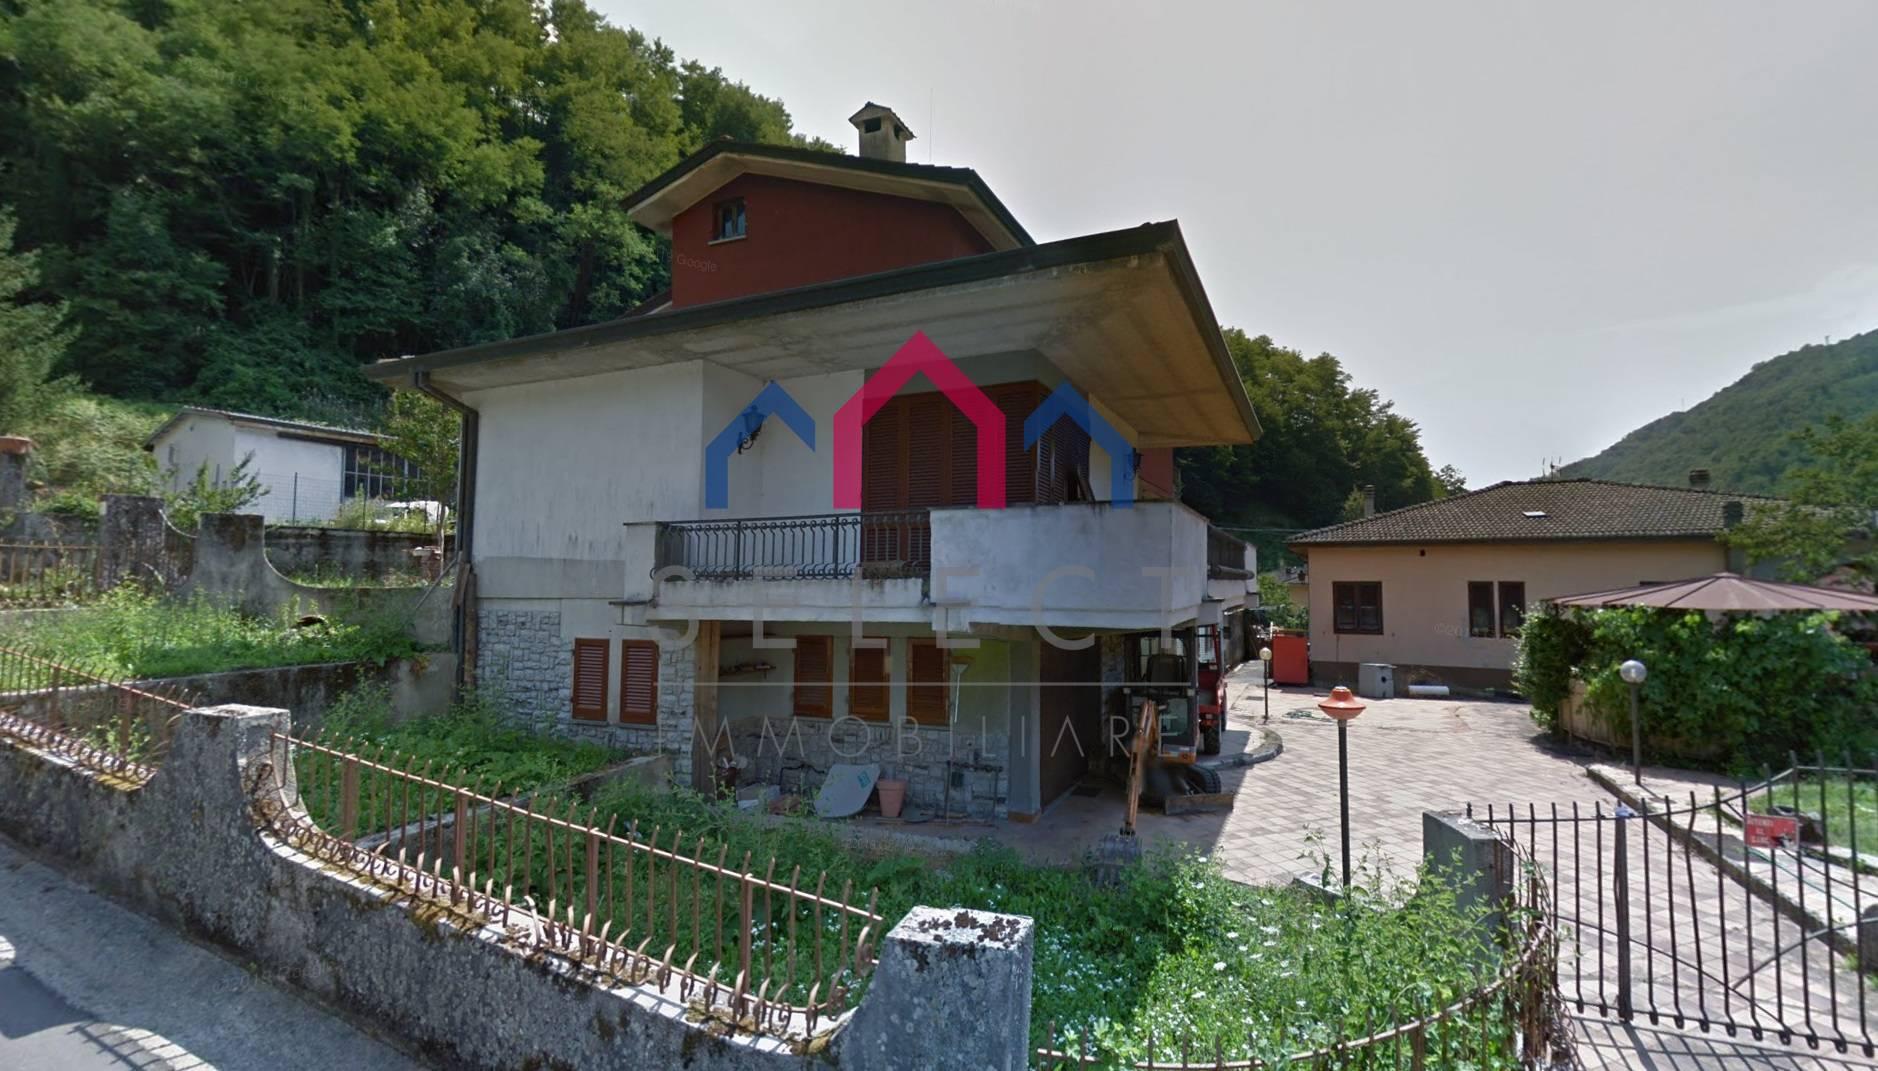 Villa in vendita a Bagni di Lucca, 11 locali, prezzo € 240.000 | CambioCasa.it